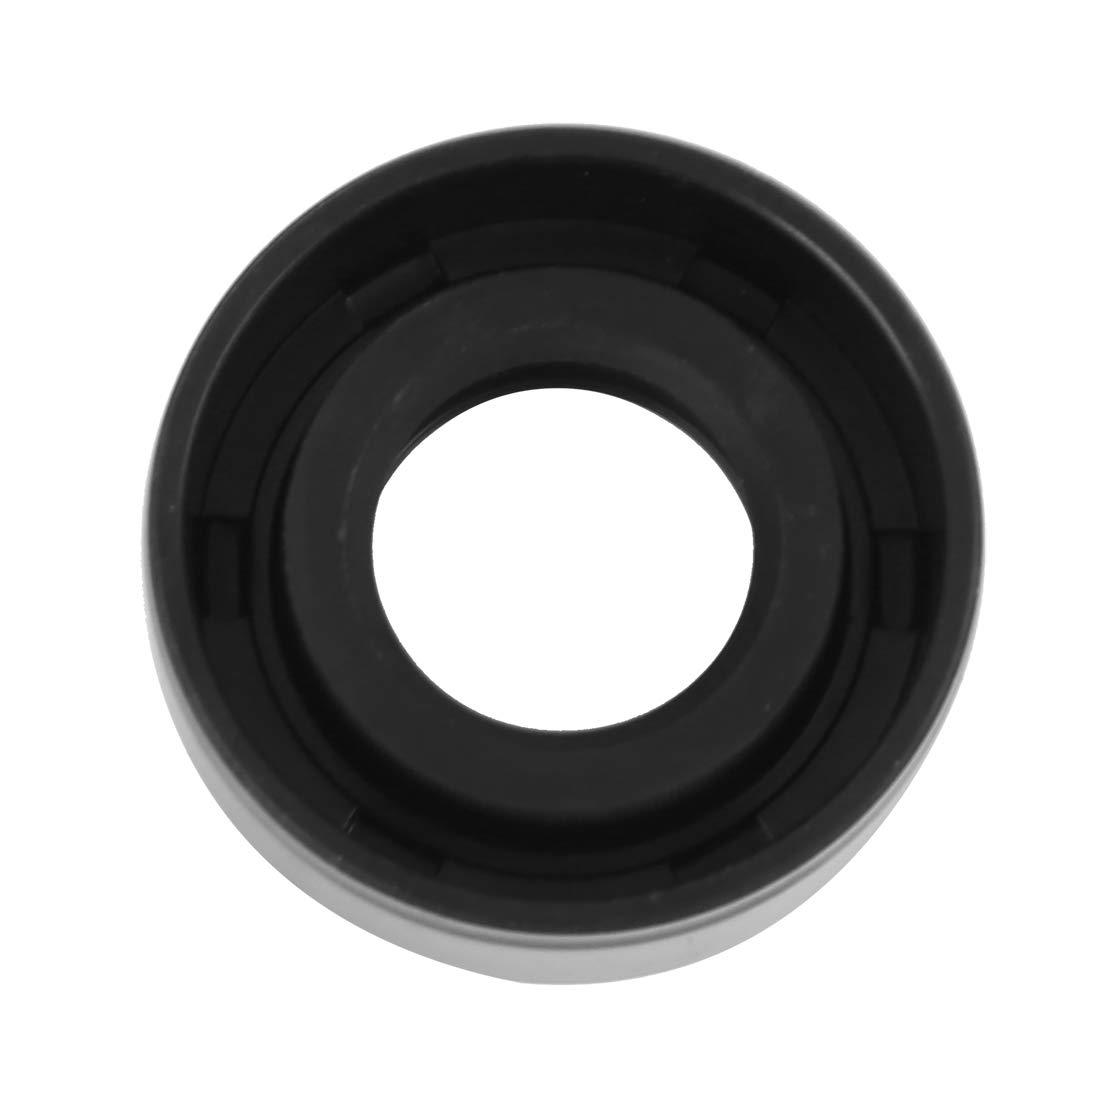 X AUTOHAUX 15mm X 30mm X 10mm Gomma Labbro Doppia TC Olio Guarnizione Albero per Auto